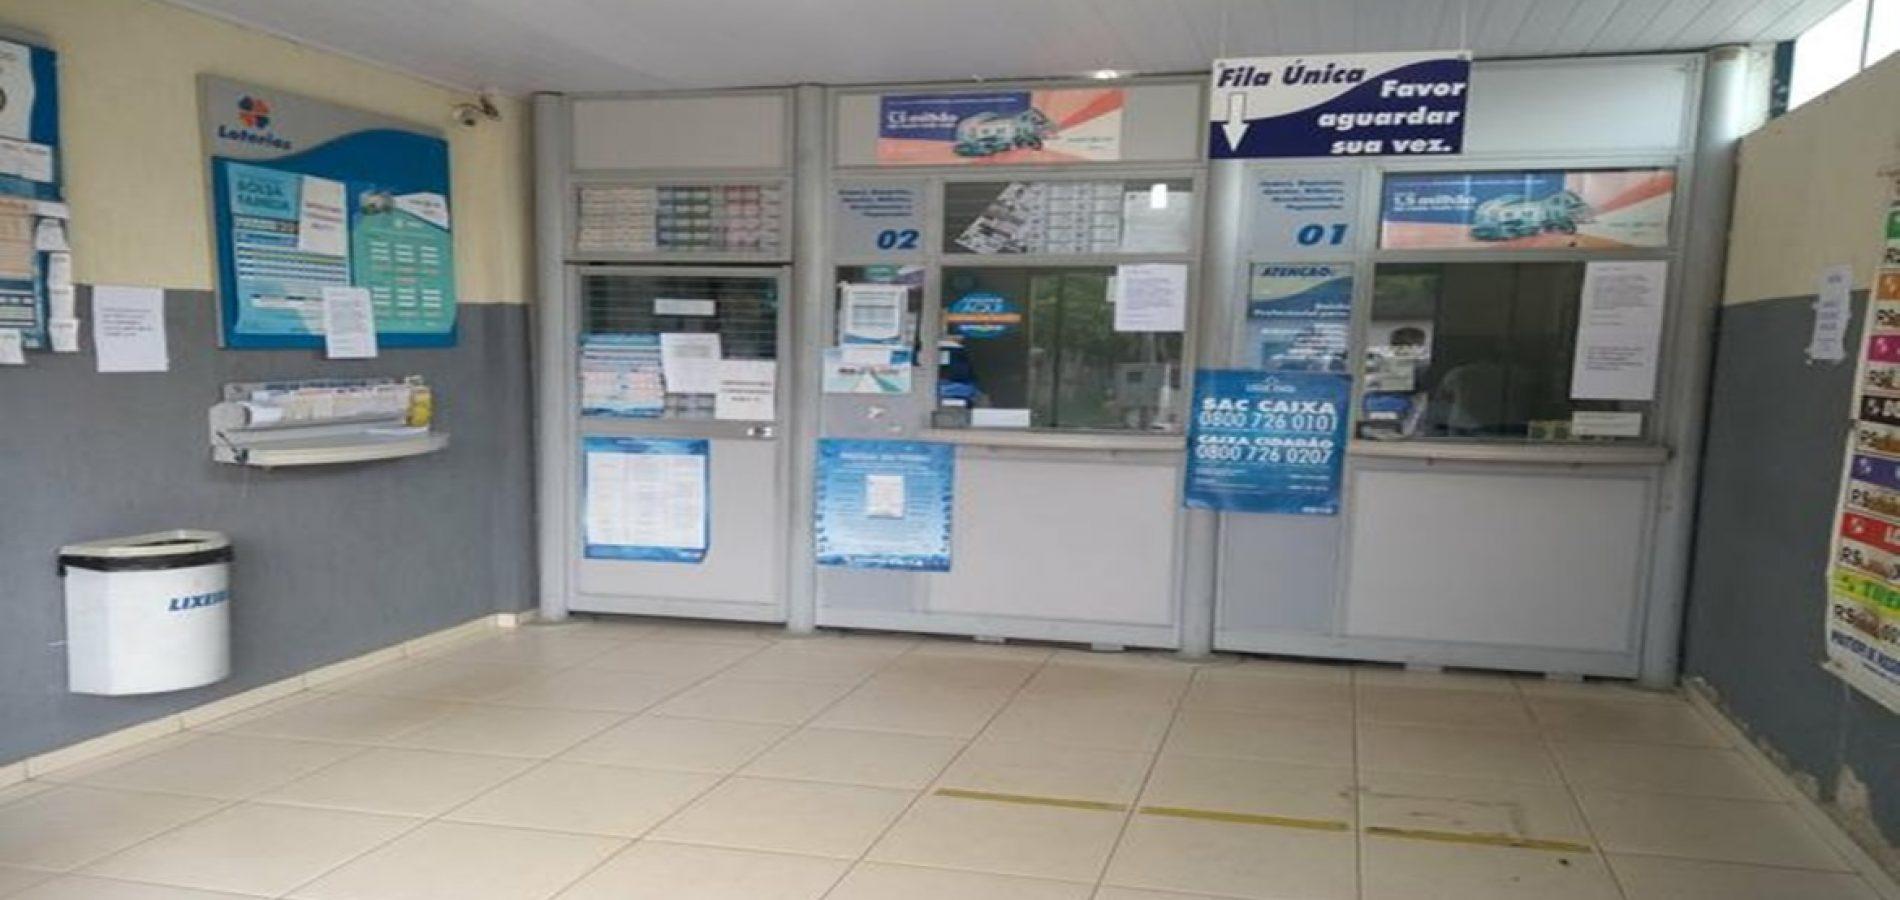 Criminosos rendem funcionários e roubam dinheiro de casa lotérica em Parnaíba